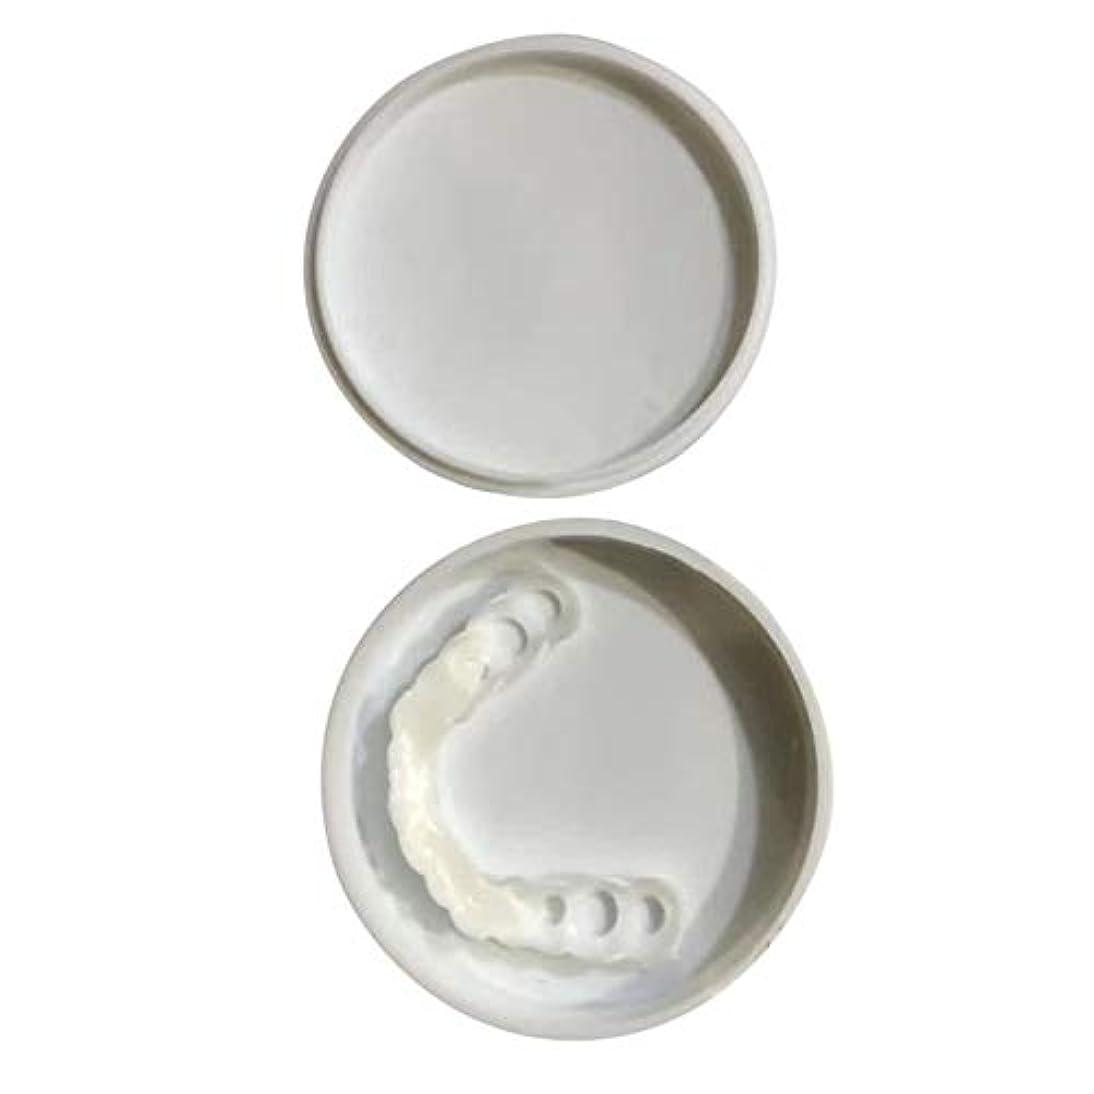 備品死傷者一般的に言えば快適なスナップオン男性女性歯インスタントパーフェクトスマイルコンフォートフィットフレックス歯フィットホワイトニング笑顔偽歯カバー - ホワイト